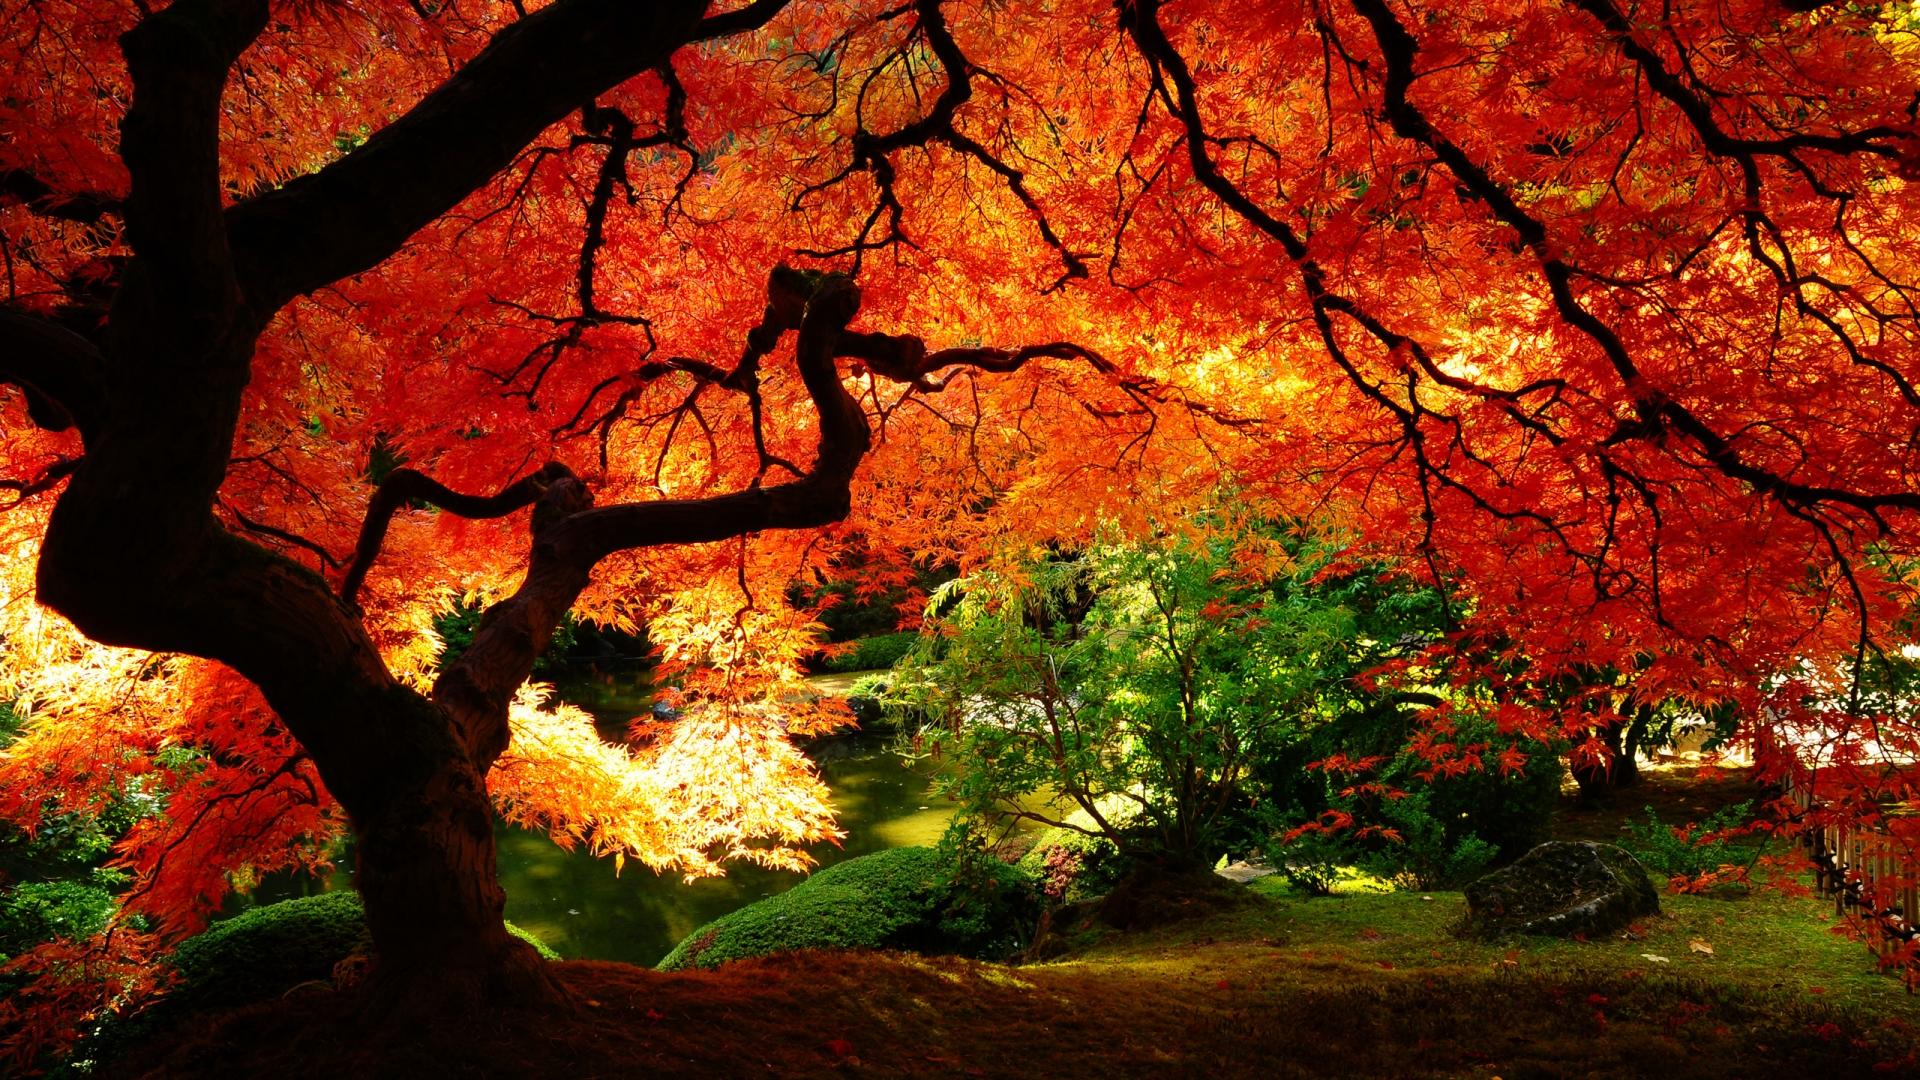 Autumn wallpaper   656705 1920x1080